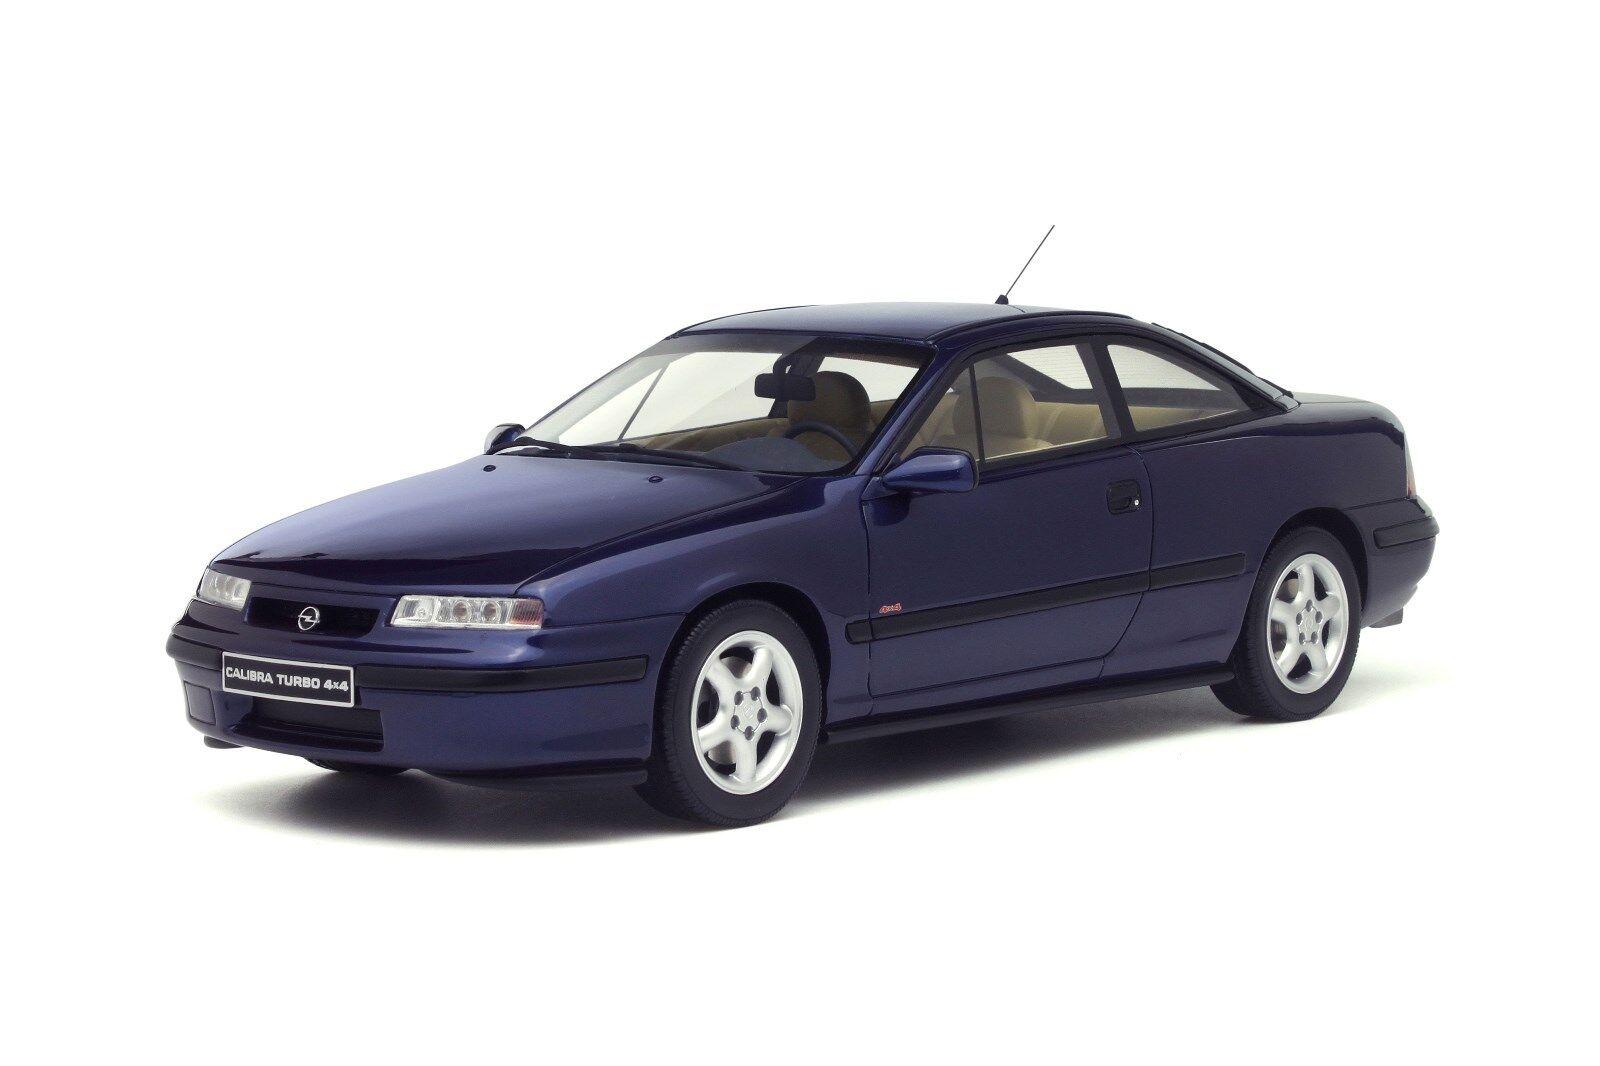 Opel (Holden) Calibra Turbo 4x4, Ottomobile OT689 1 18th scale